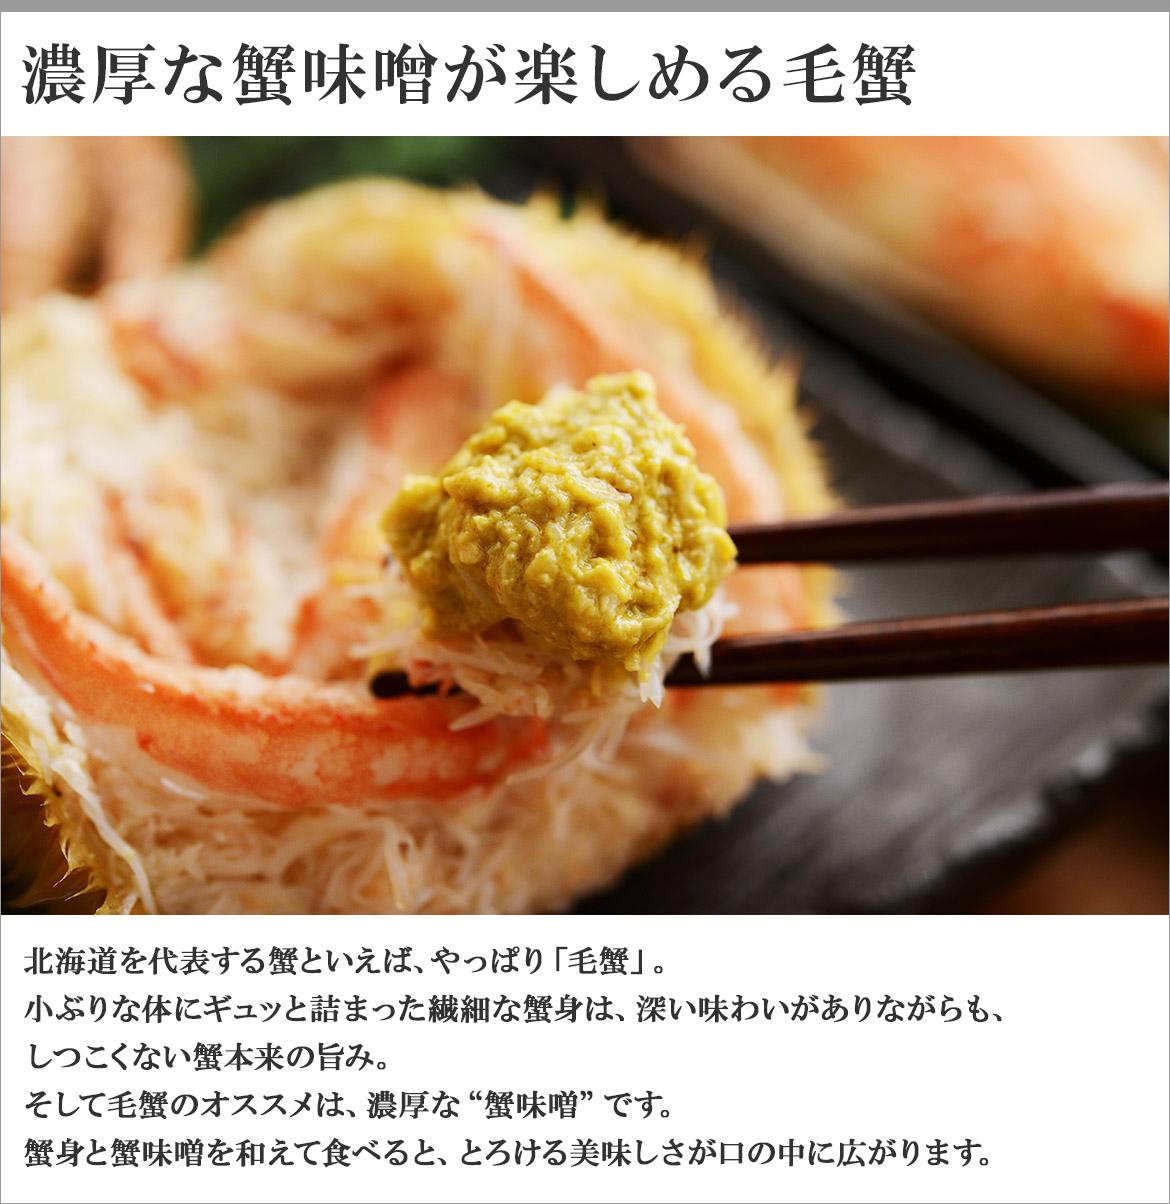 [特別放出]北海道毛蟹・ホタテ・イクラ組み合わせ色々セット